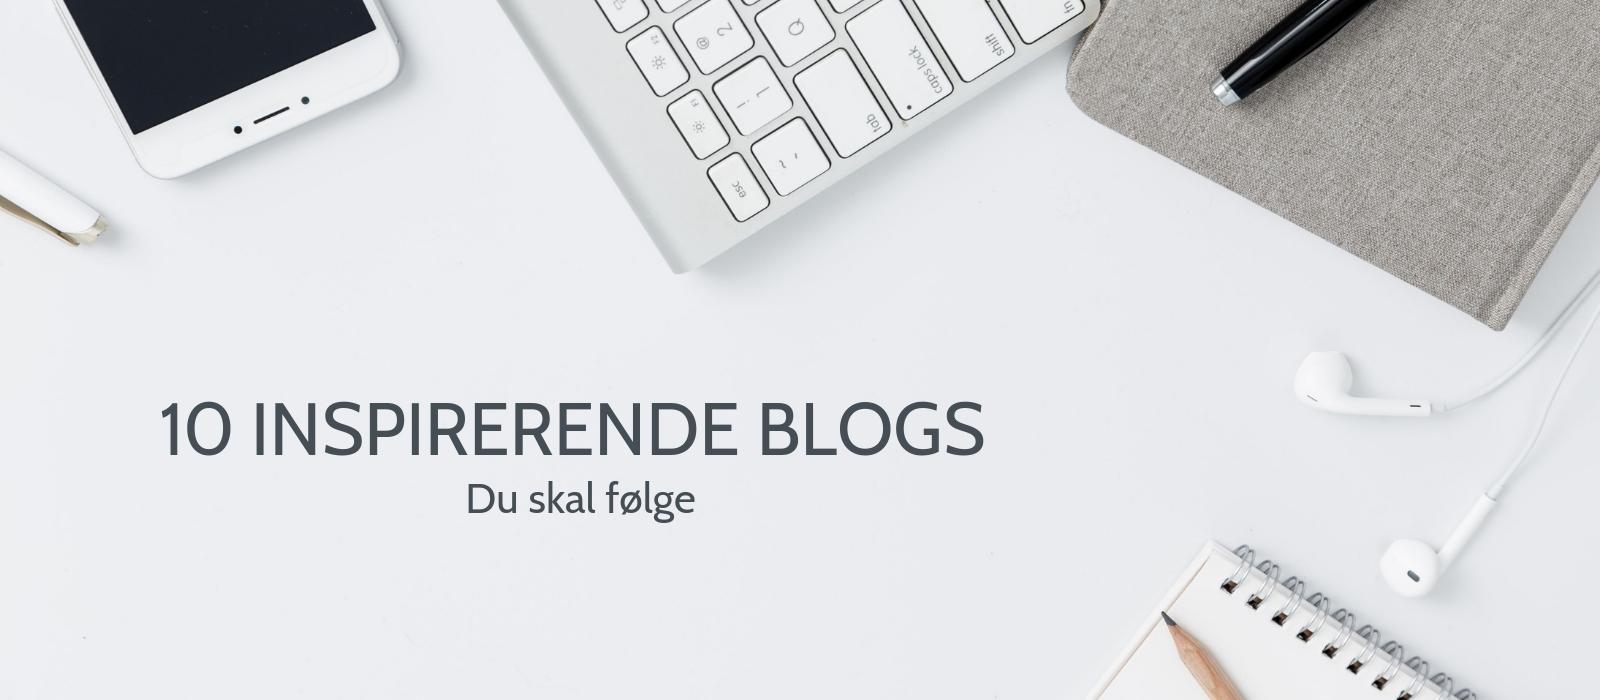 10 inspirerende blogs.jpg